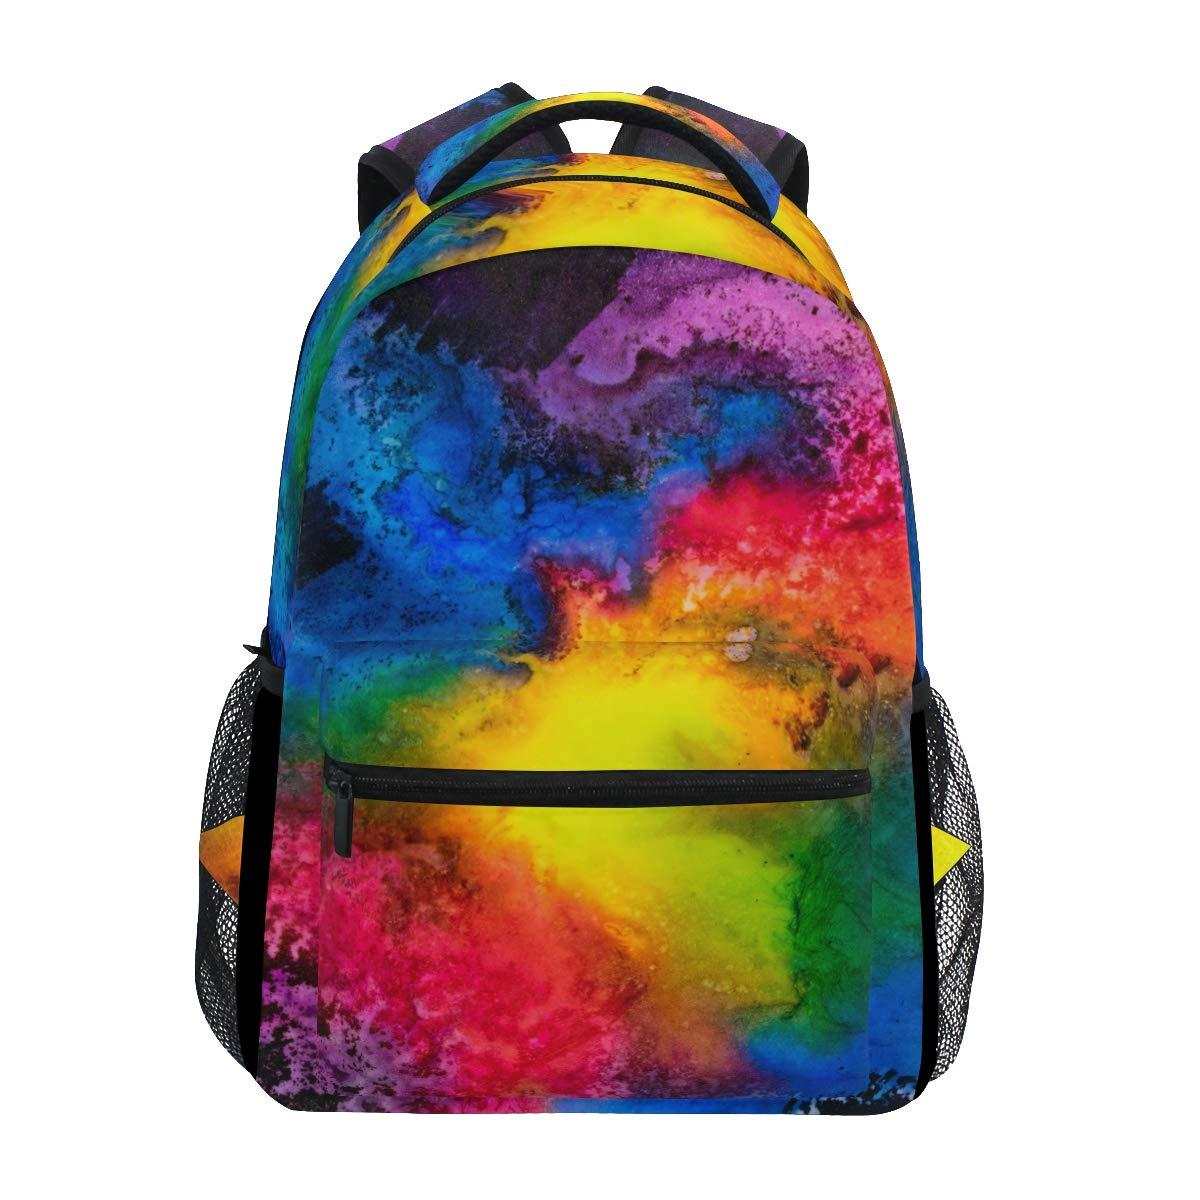 DOSHINE g15906141p203c237s337, Zainetto per bambini Unisex adulti Multicolore Multicolore 11.5''x8''x16''